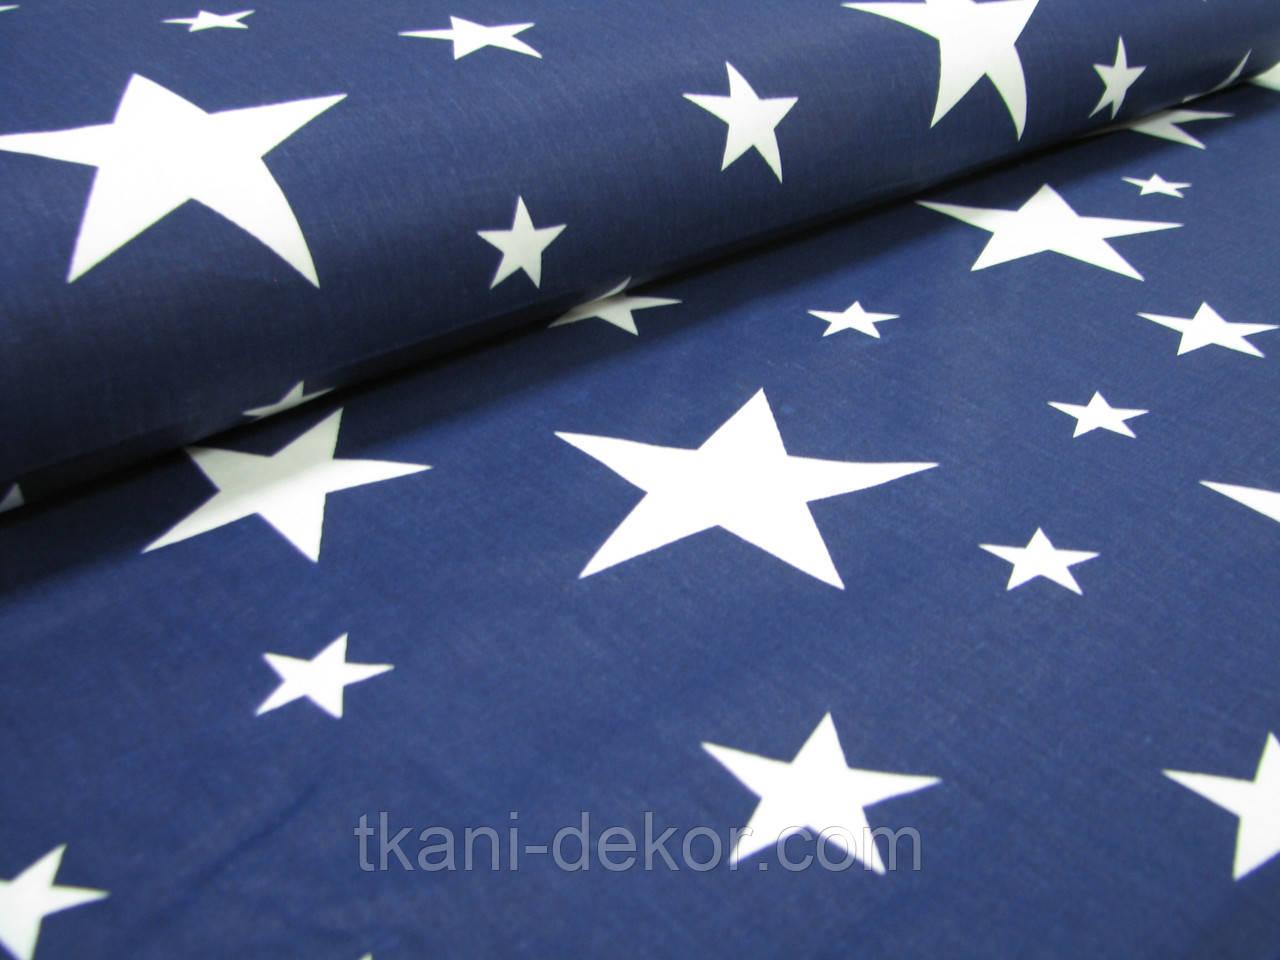 Сатин (хлопковая ткань)на синем фоне белые звезды (25*160)